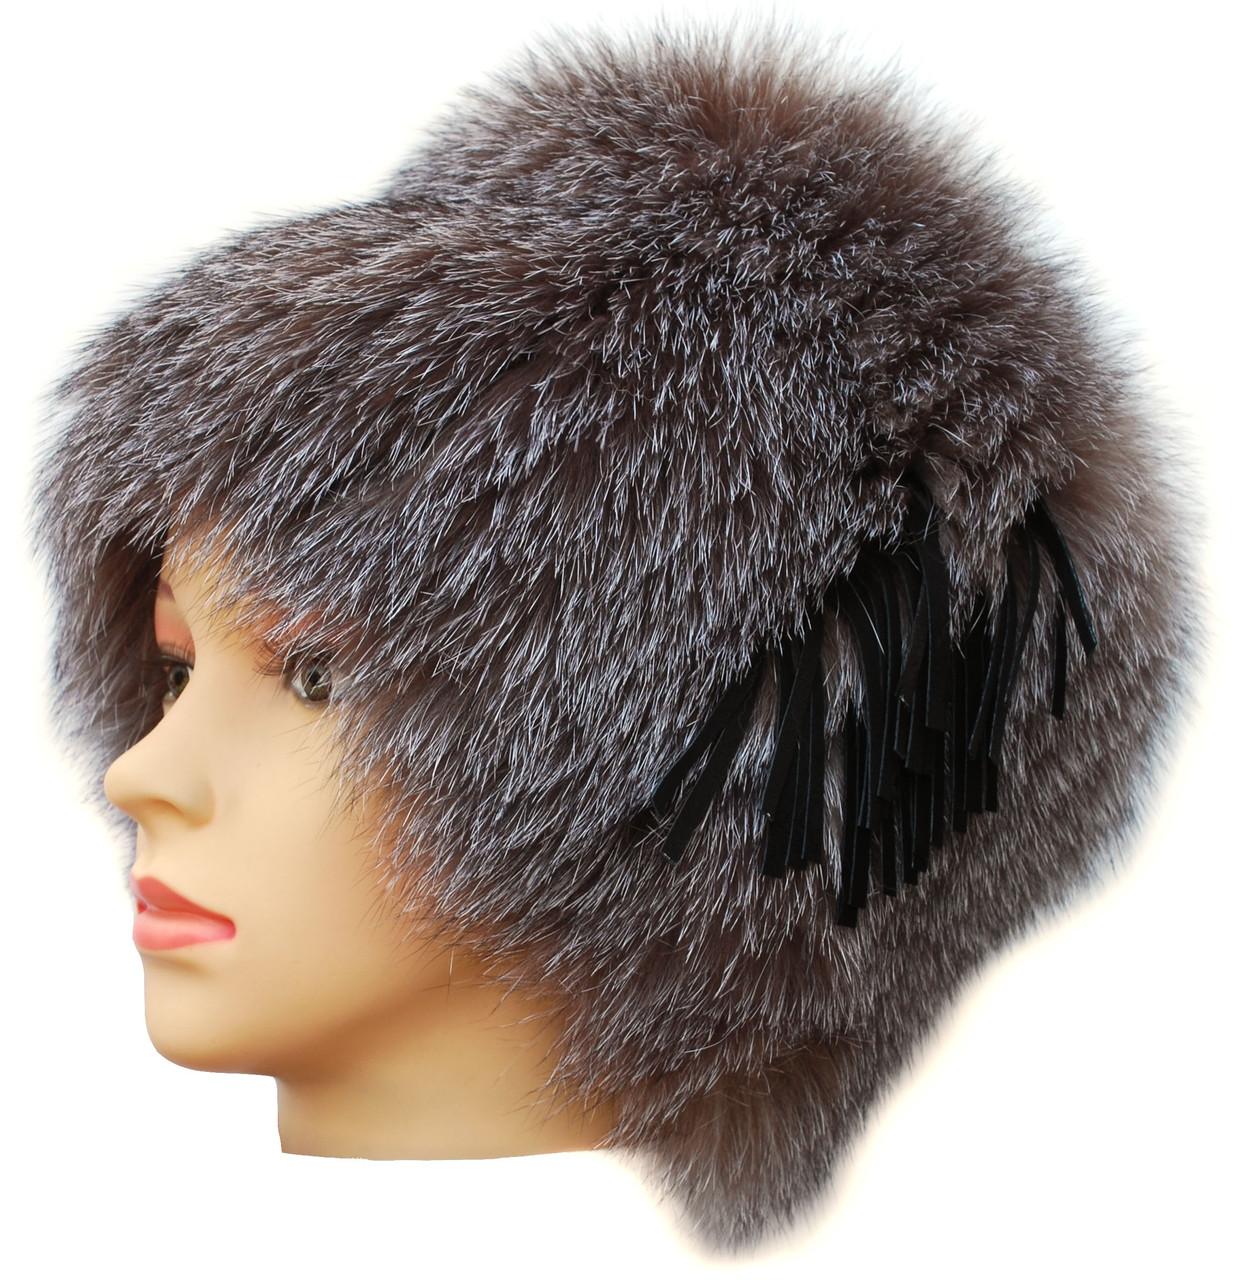 Меховая шапка из блюфроста,Барбара без полосы (голд) - Интернет-магазин меховых шапок в Харькове